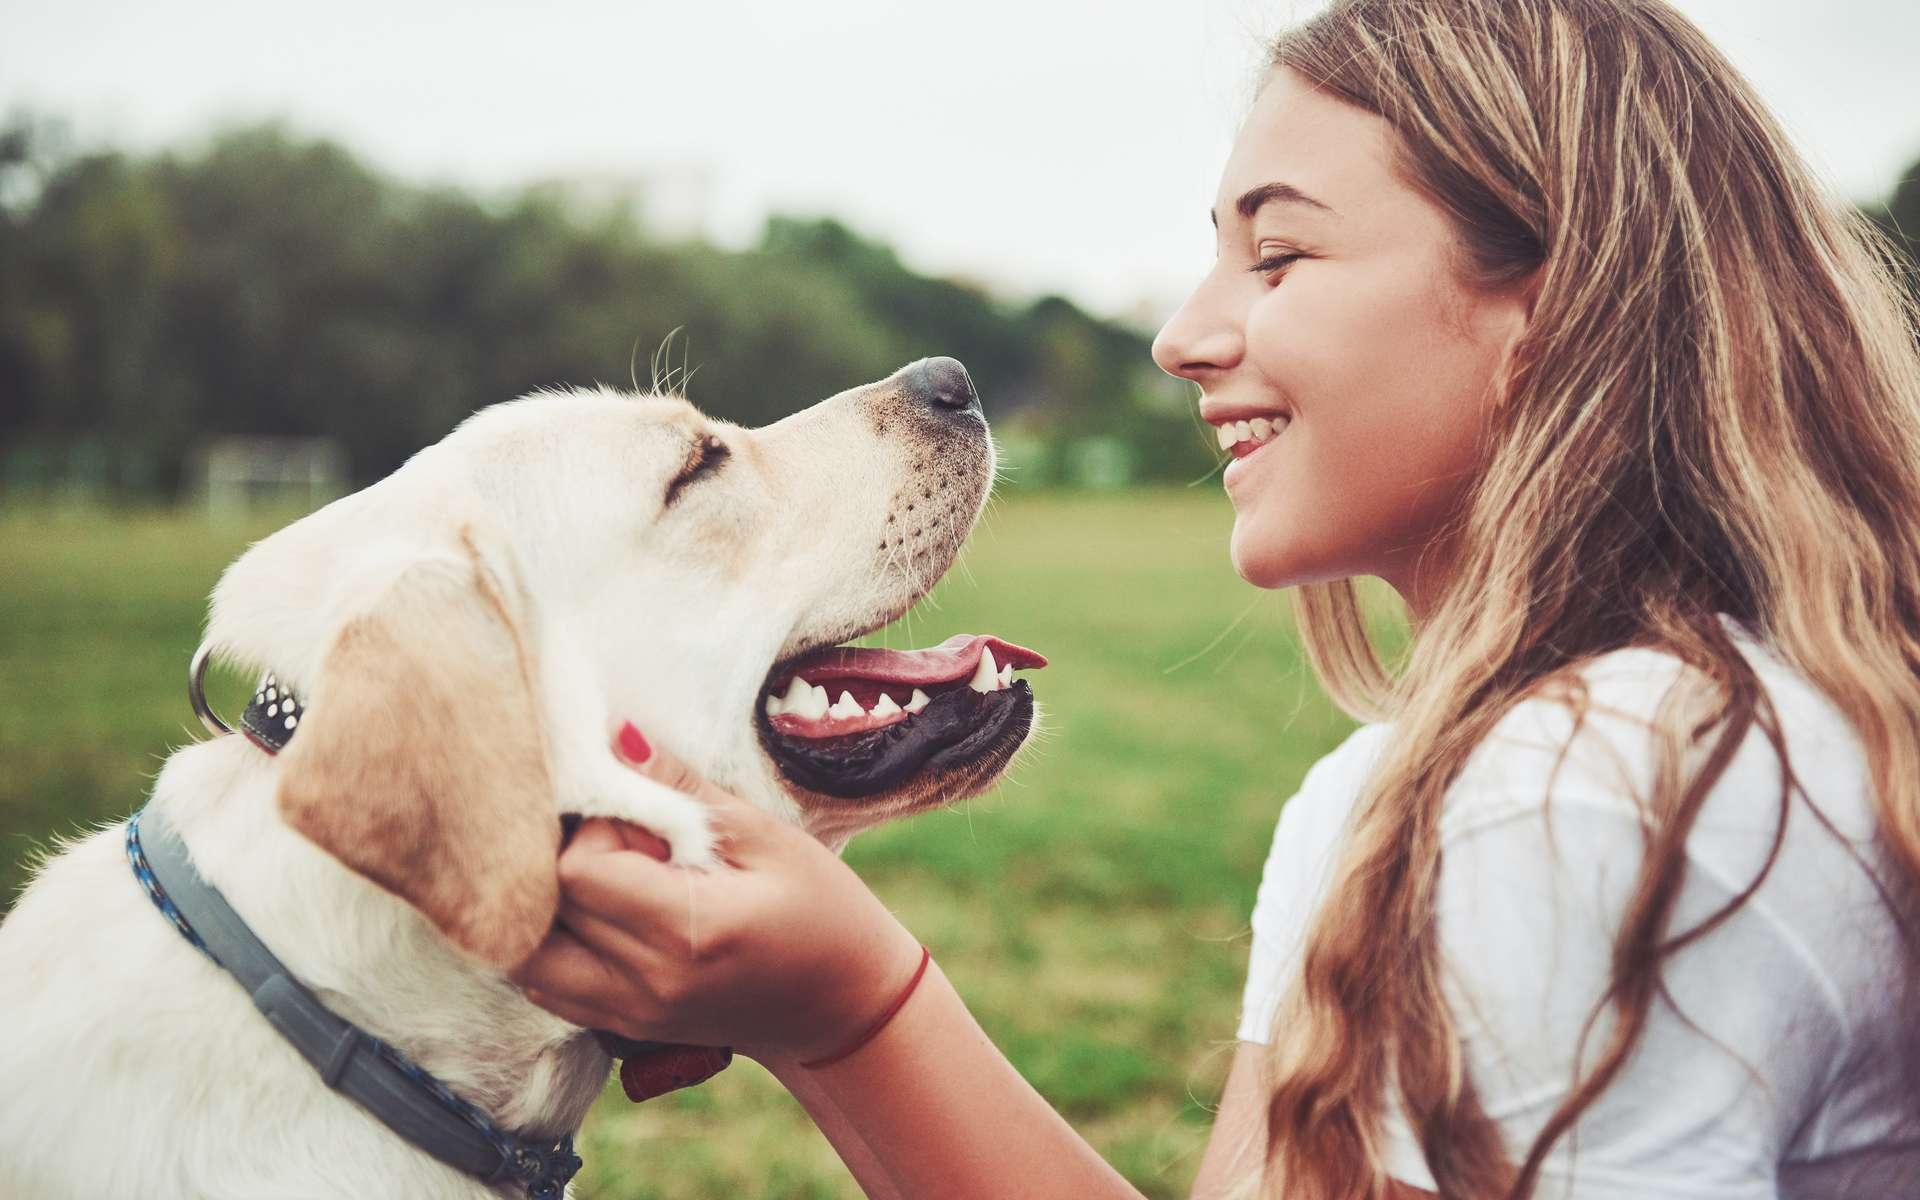 Le chien est l'ami de l'Homme depuis la nuit des temps. Mais pourquoi ? Les scientifiques pensent que c'est à cause de son grand cœur gros. © Standret, Adobe Stock